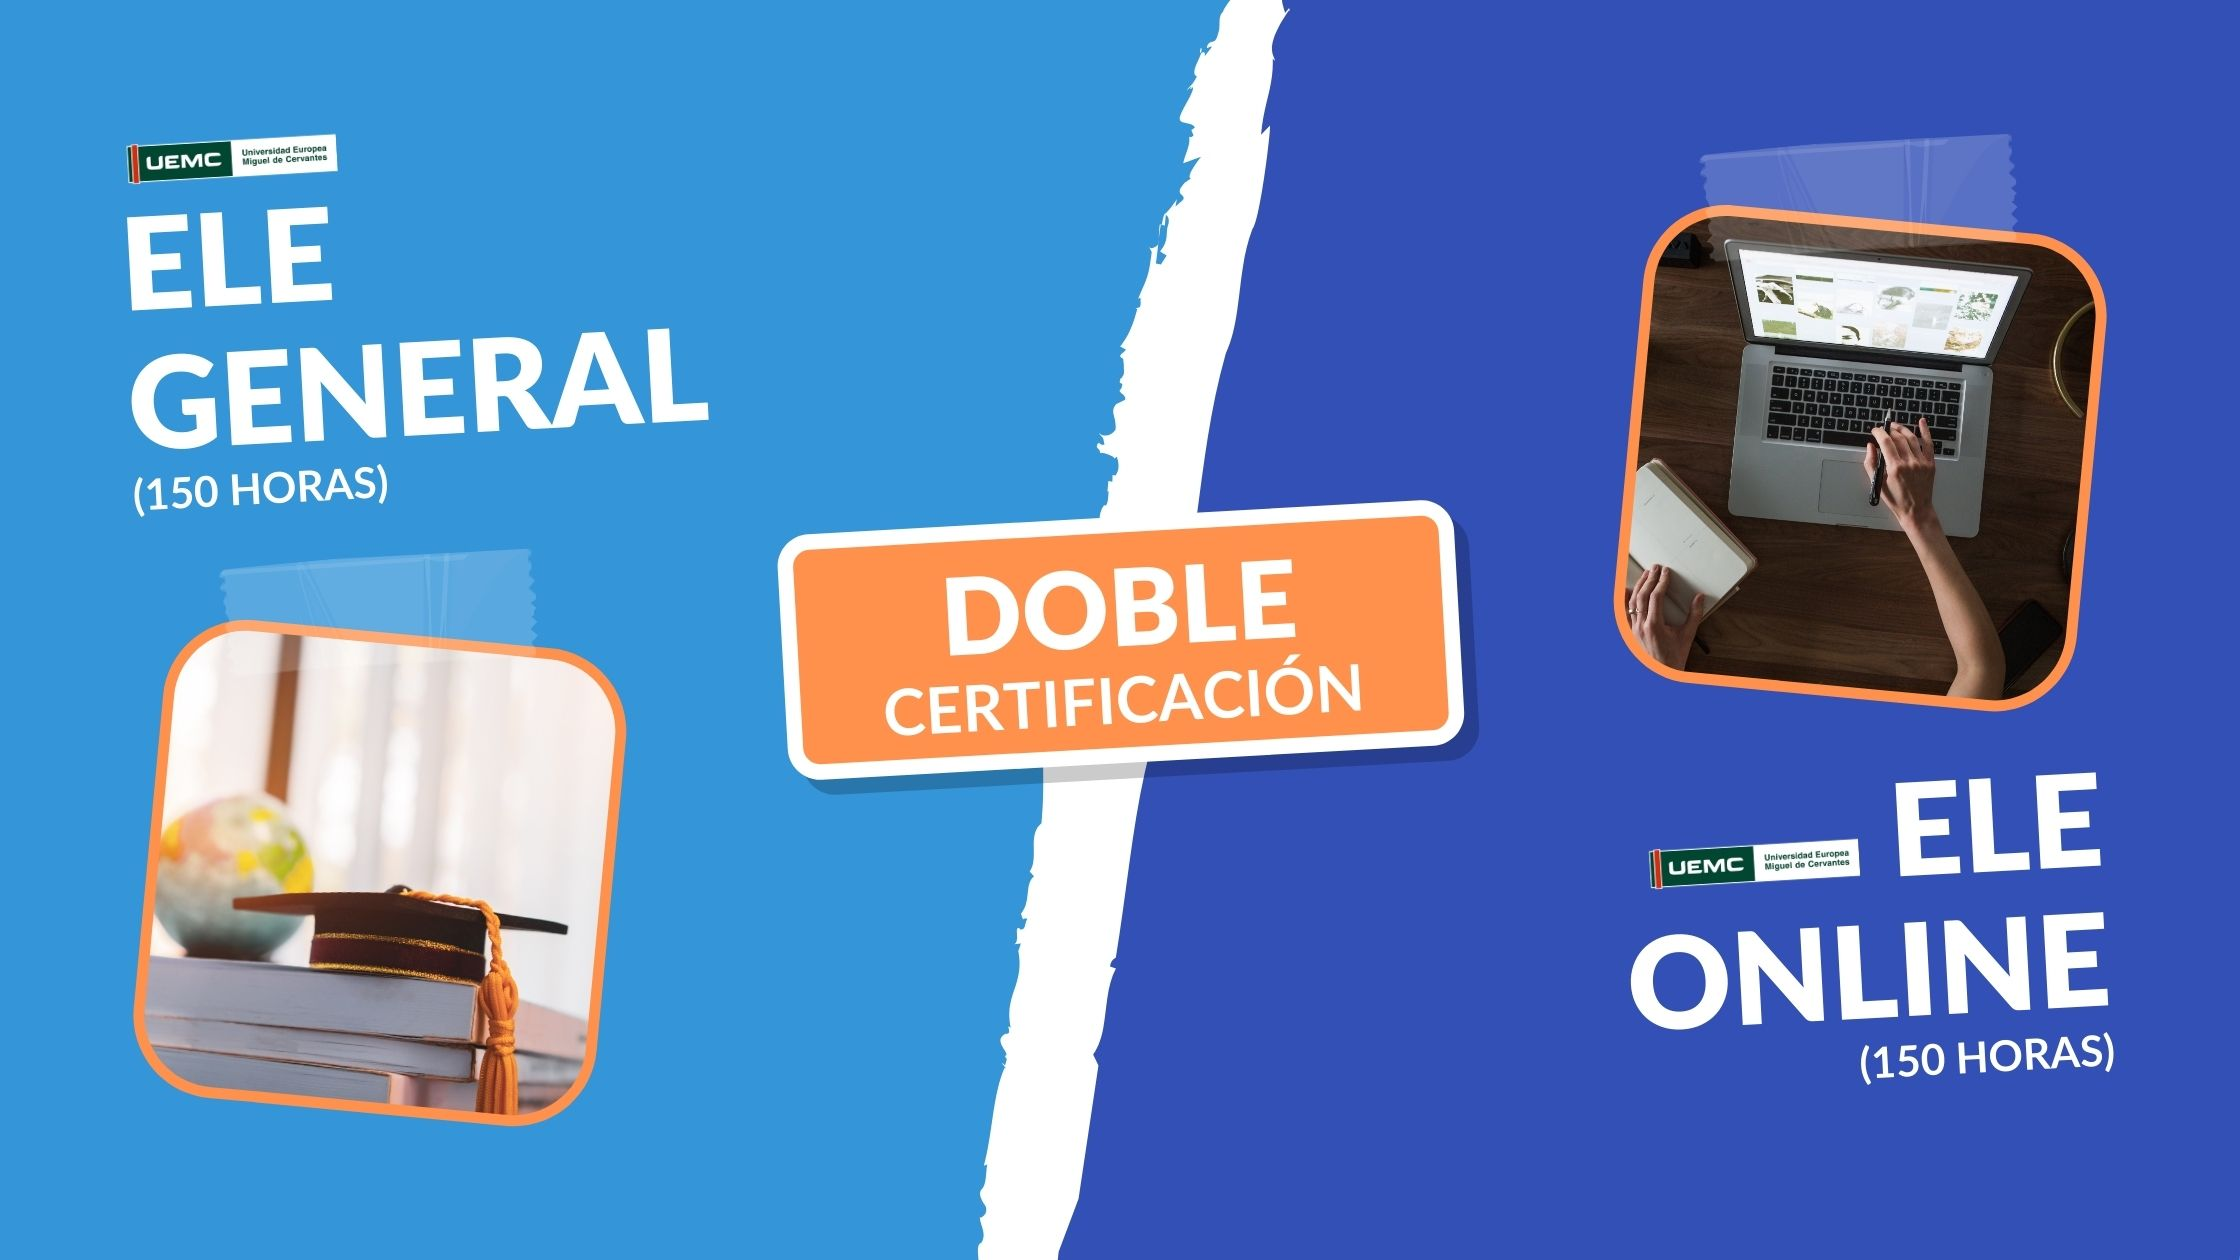 Doble Certificación:  Enseñanza de ELE General + Enseñanza de ELE en línea